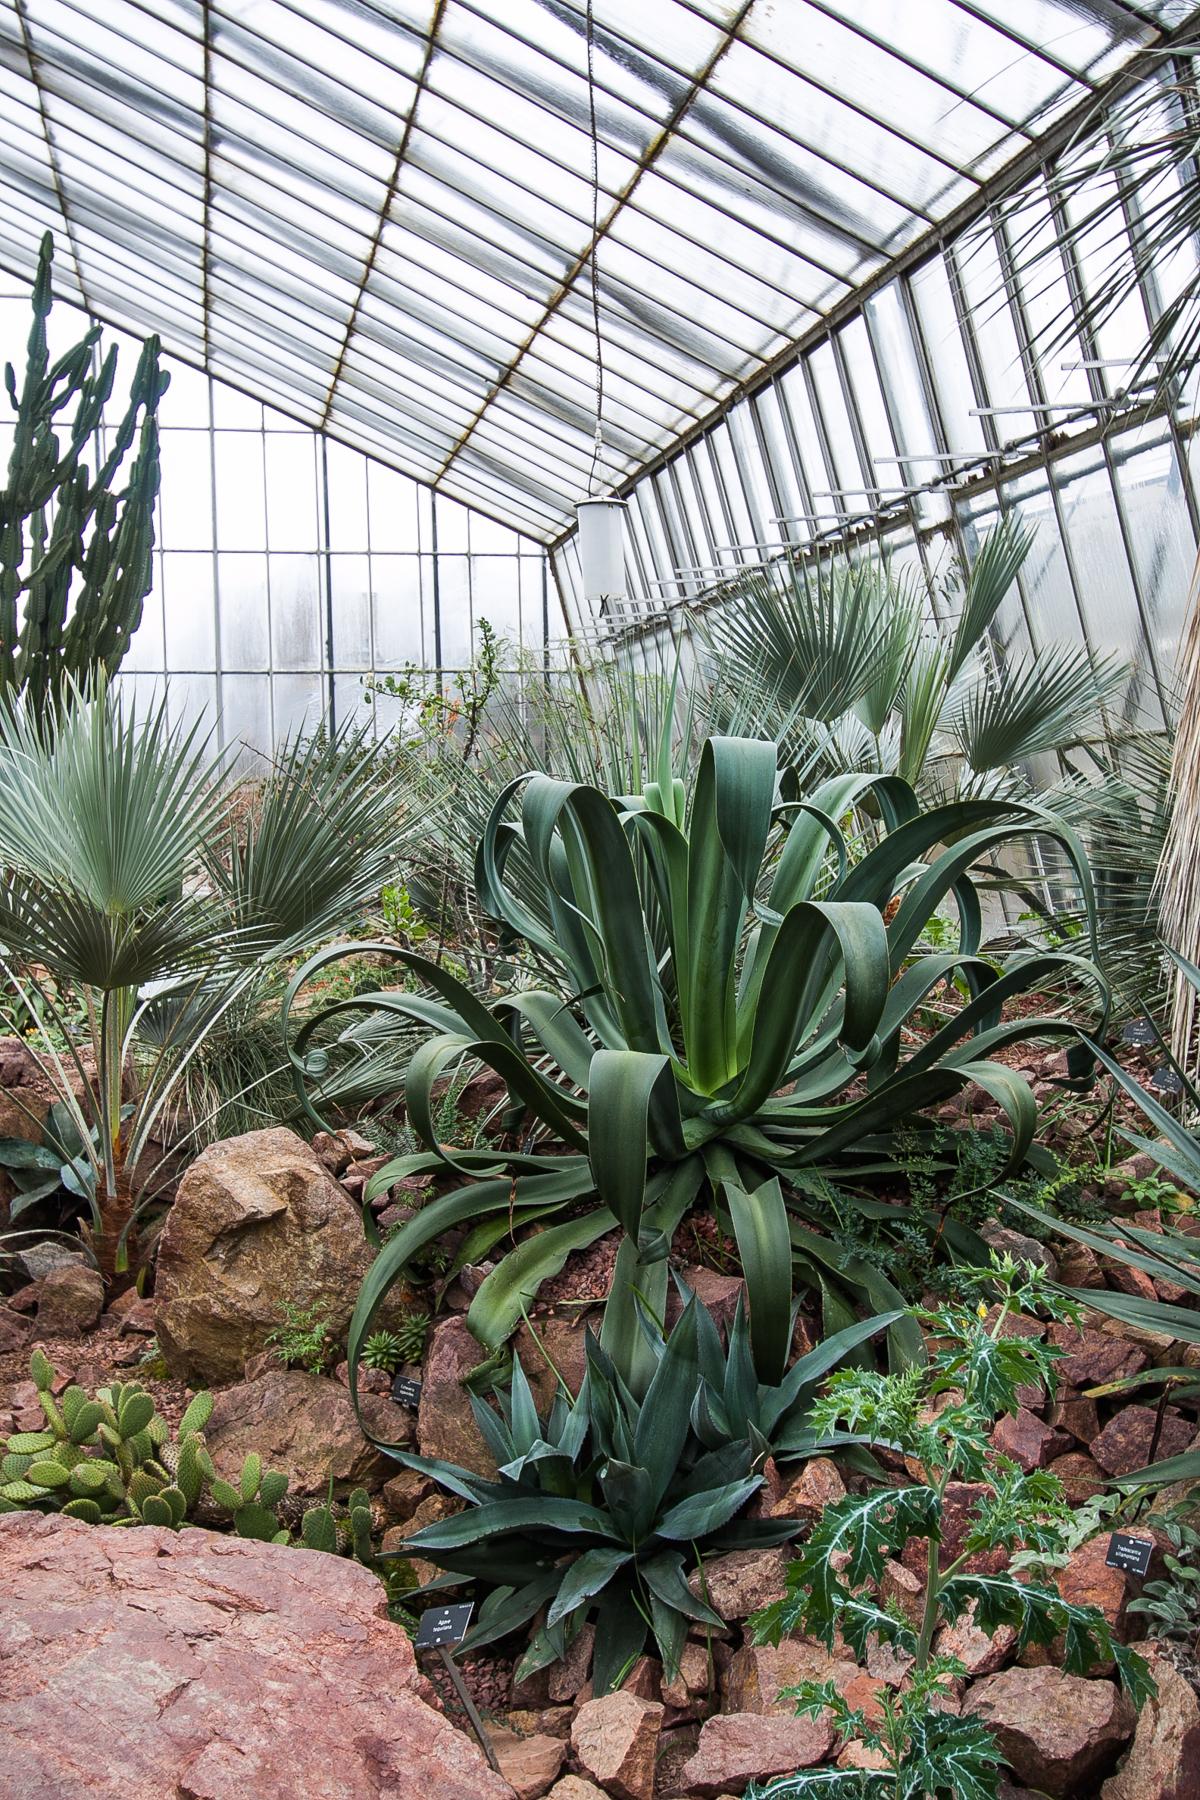 palmiarnia w edynburgu atrakcje